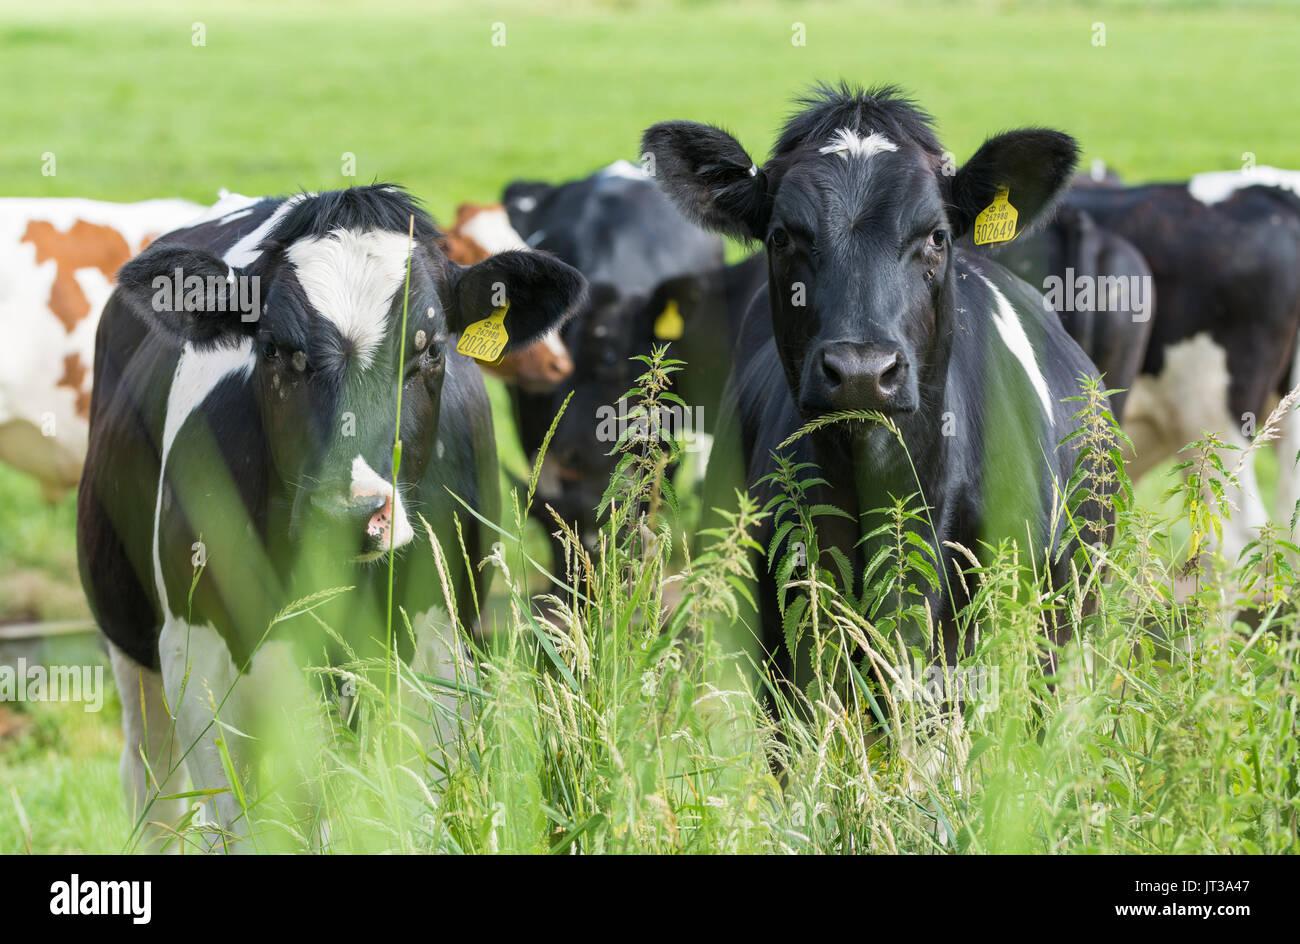 En blanco y negro de vacas en un campo en el Reino Unido, mirando a la cámara. Imagen De Stock